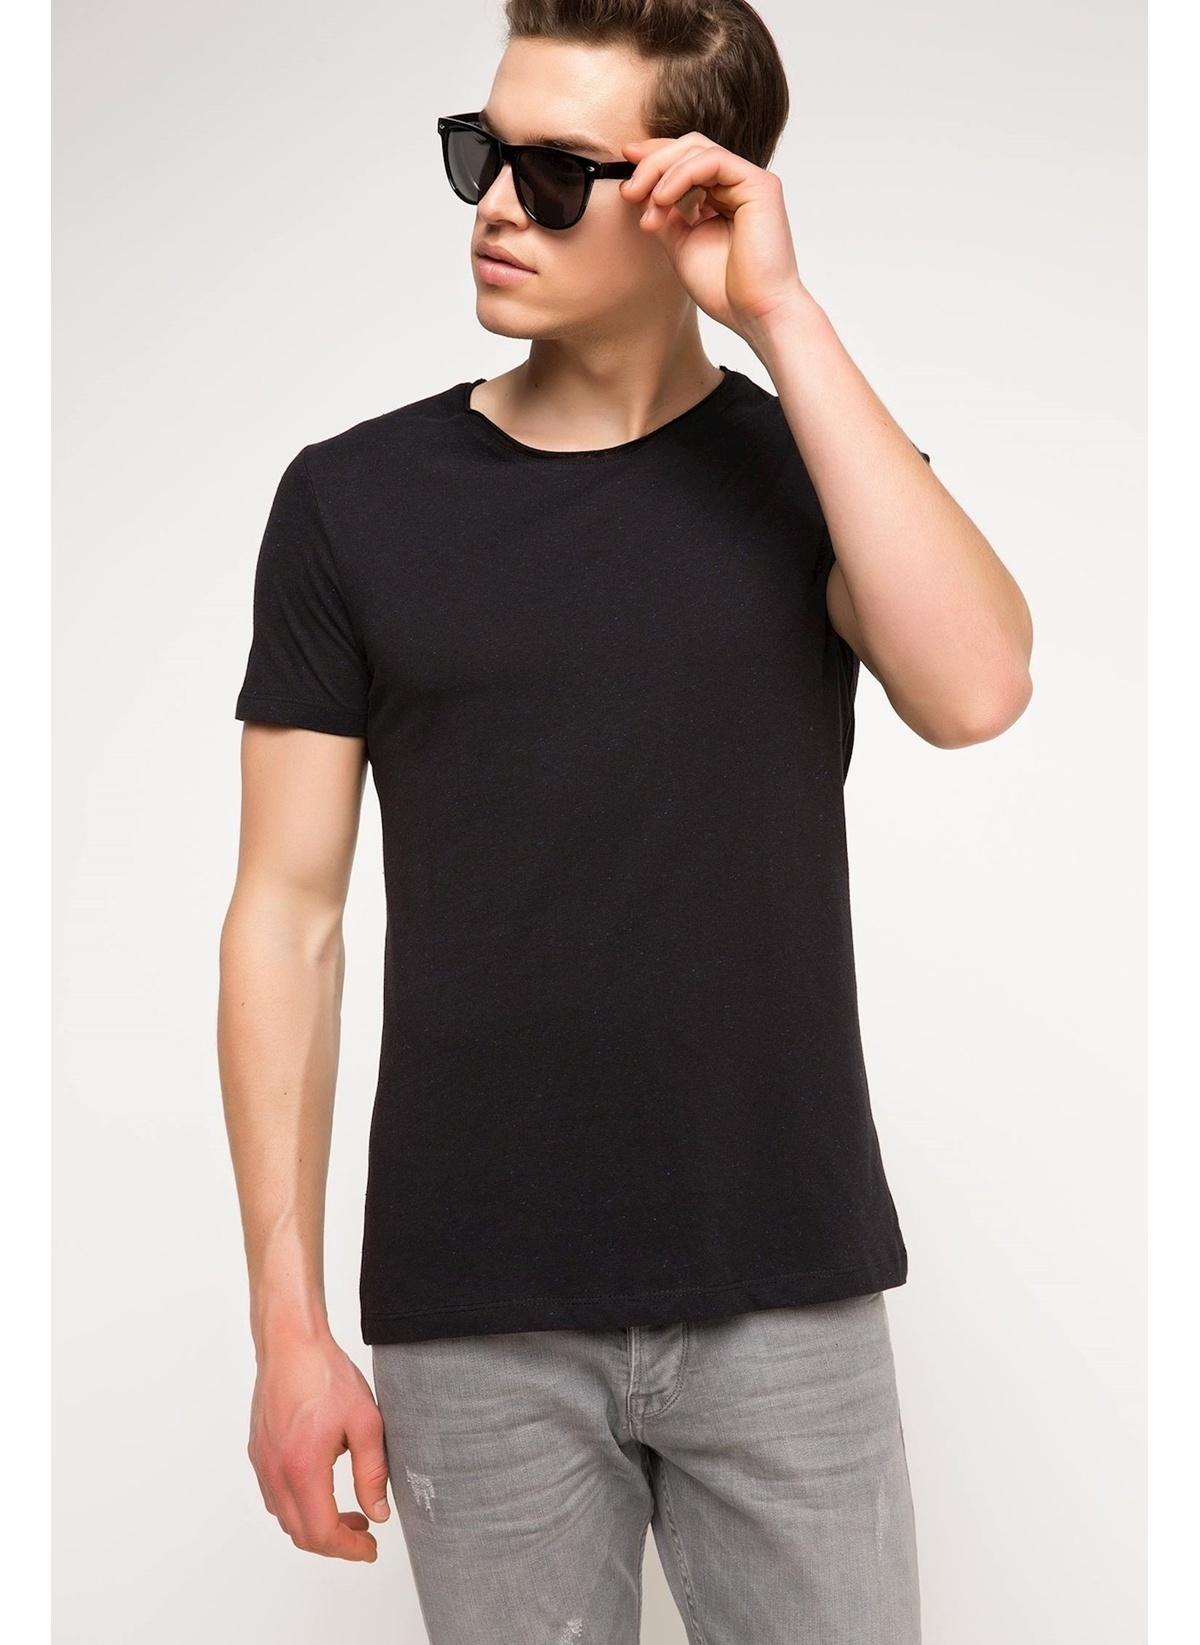 Defacto Tişört H0018az17smbk27t-shirt – 19.99 TL